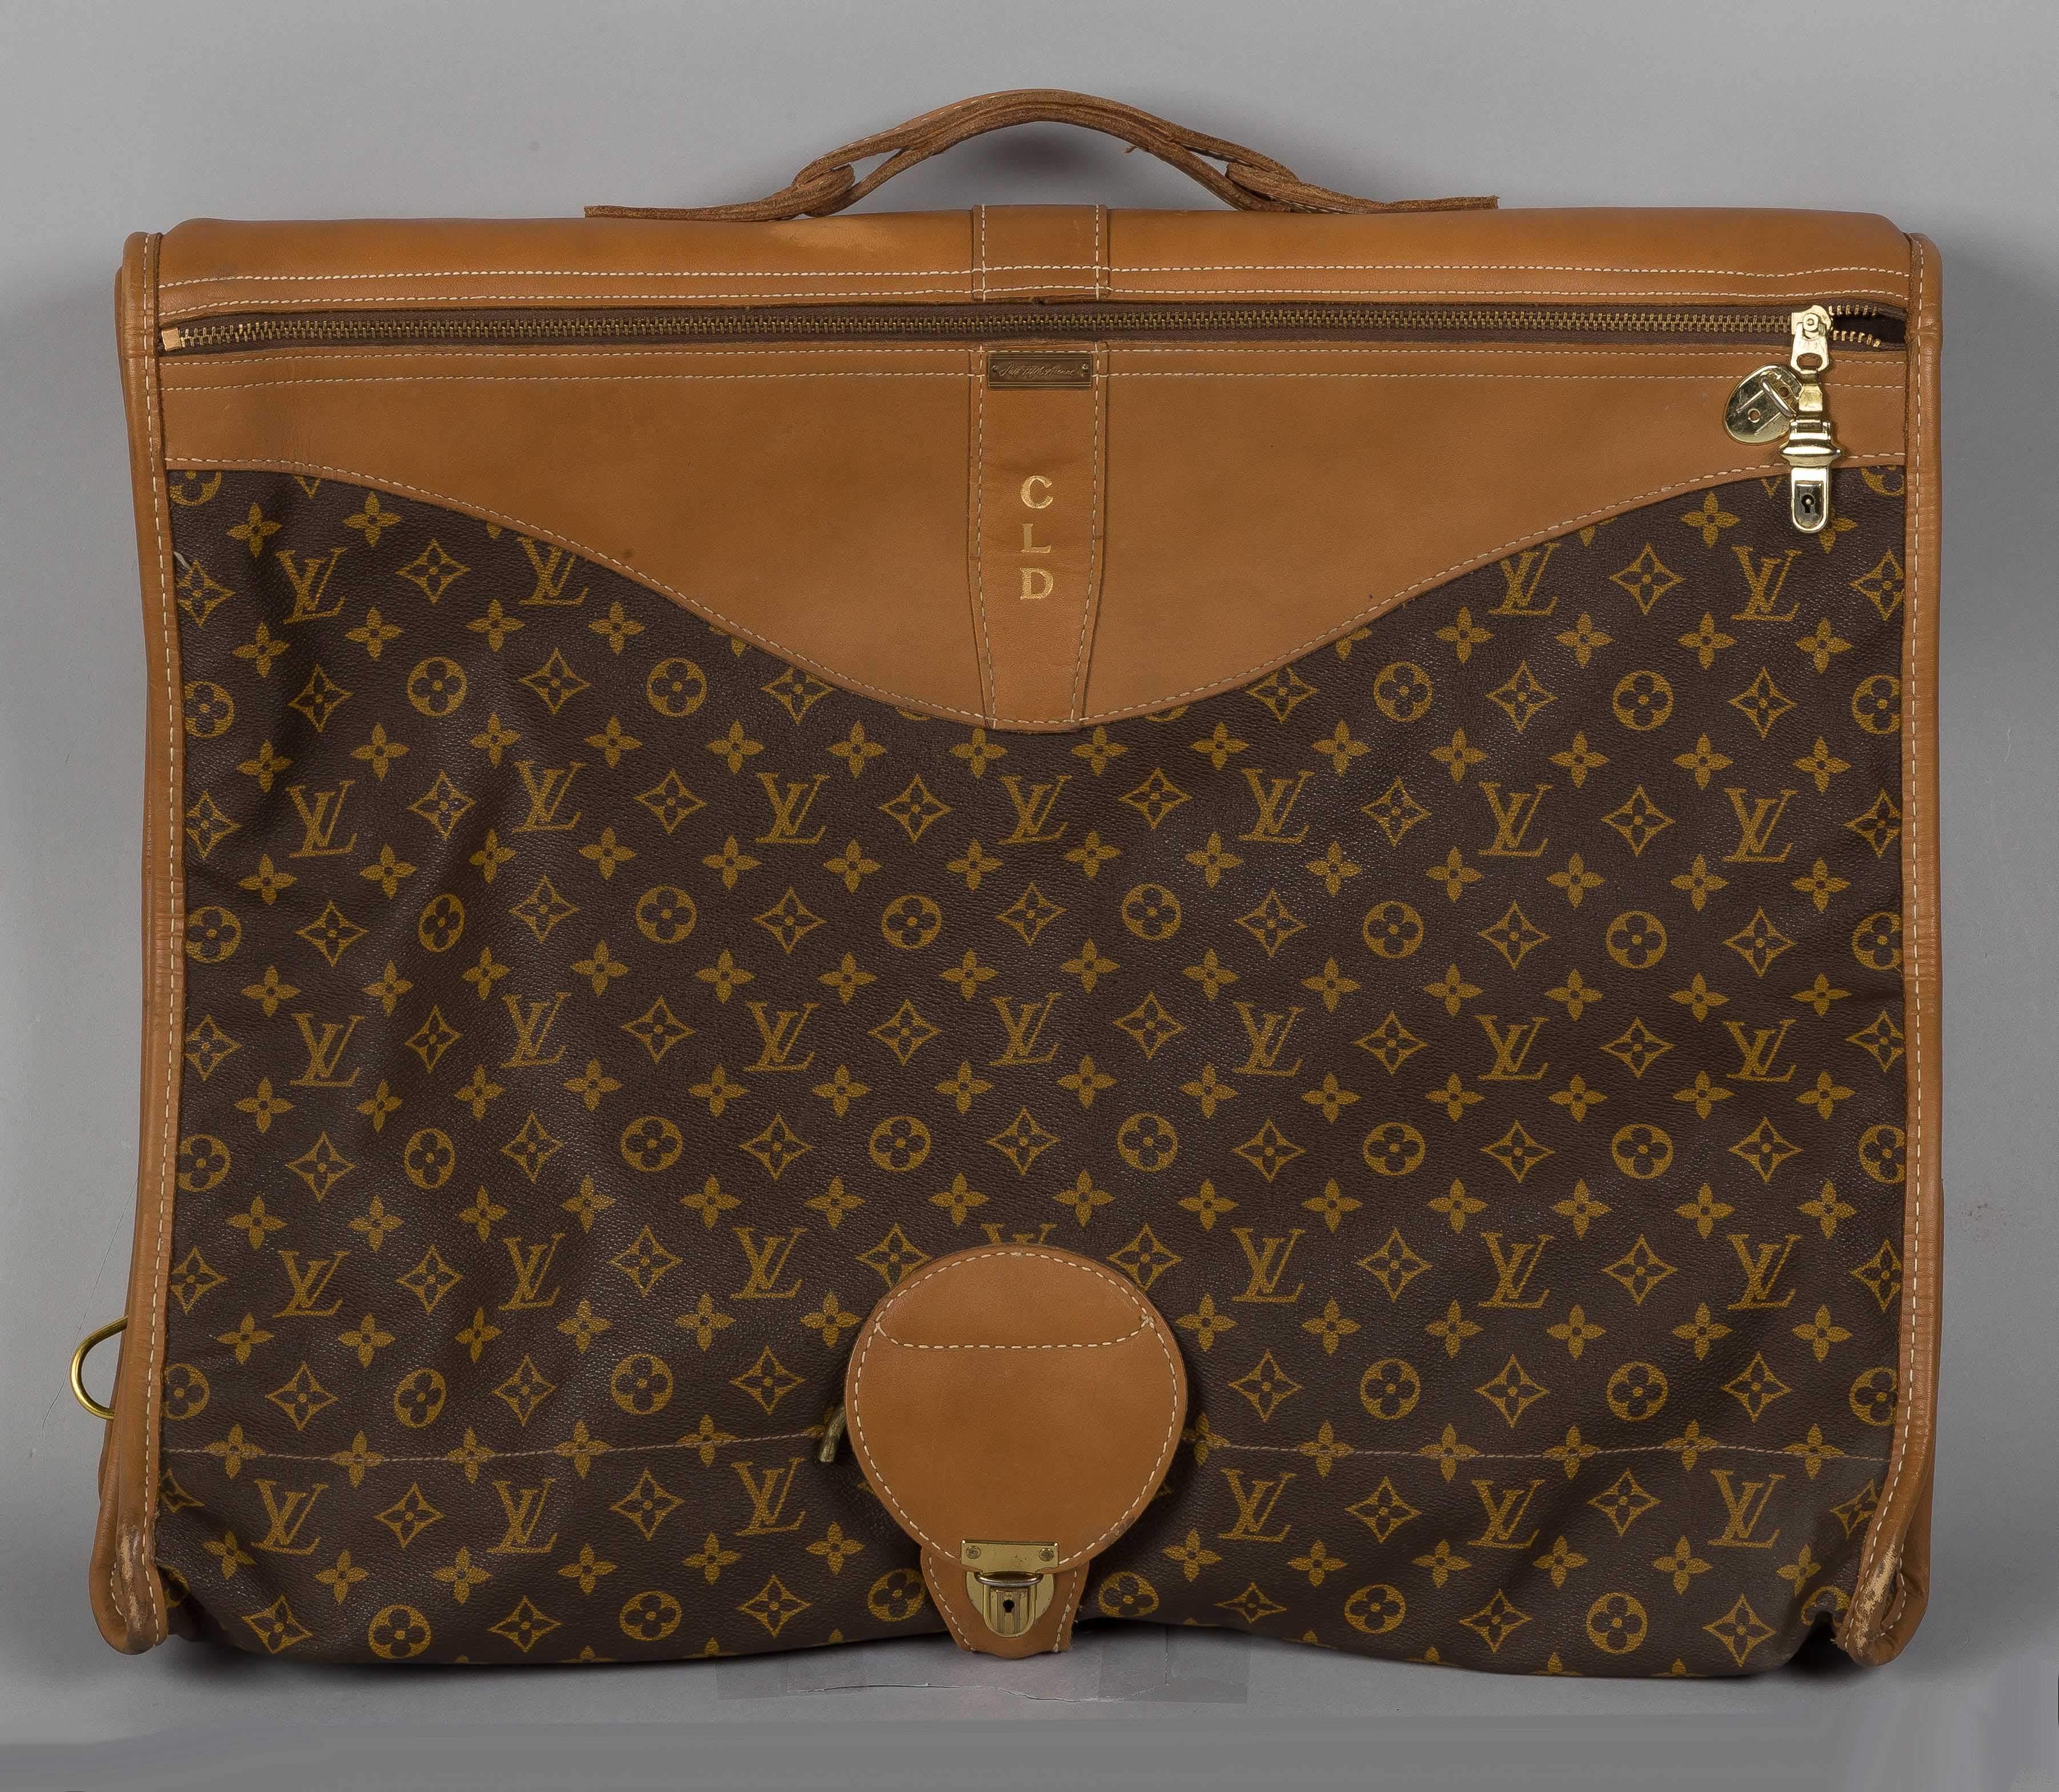 00e104d2b3fd Vintage Louis Vuitton Garment Bag